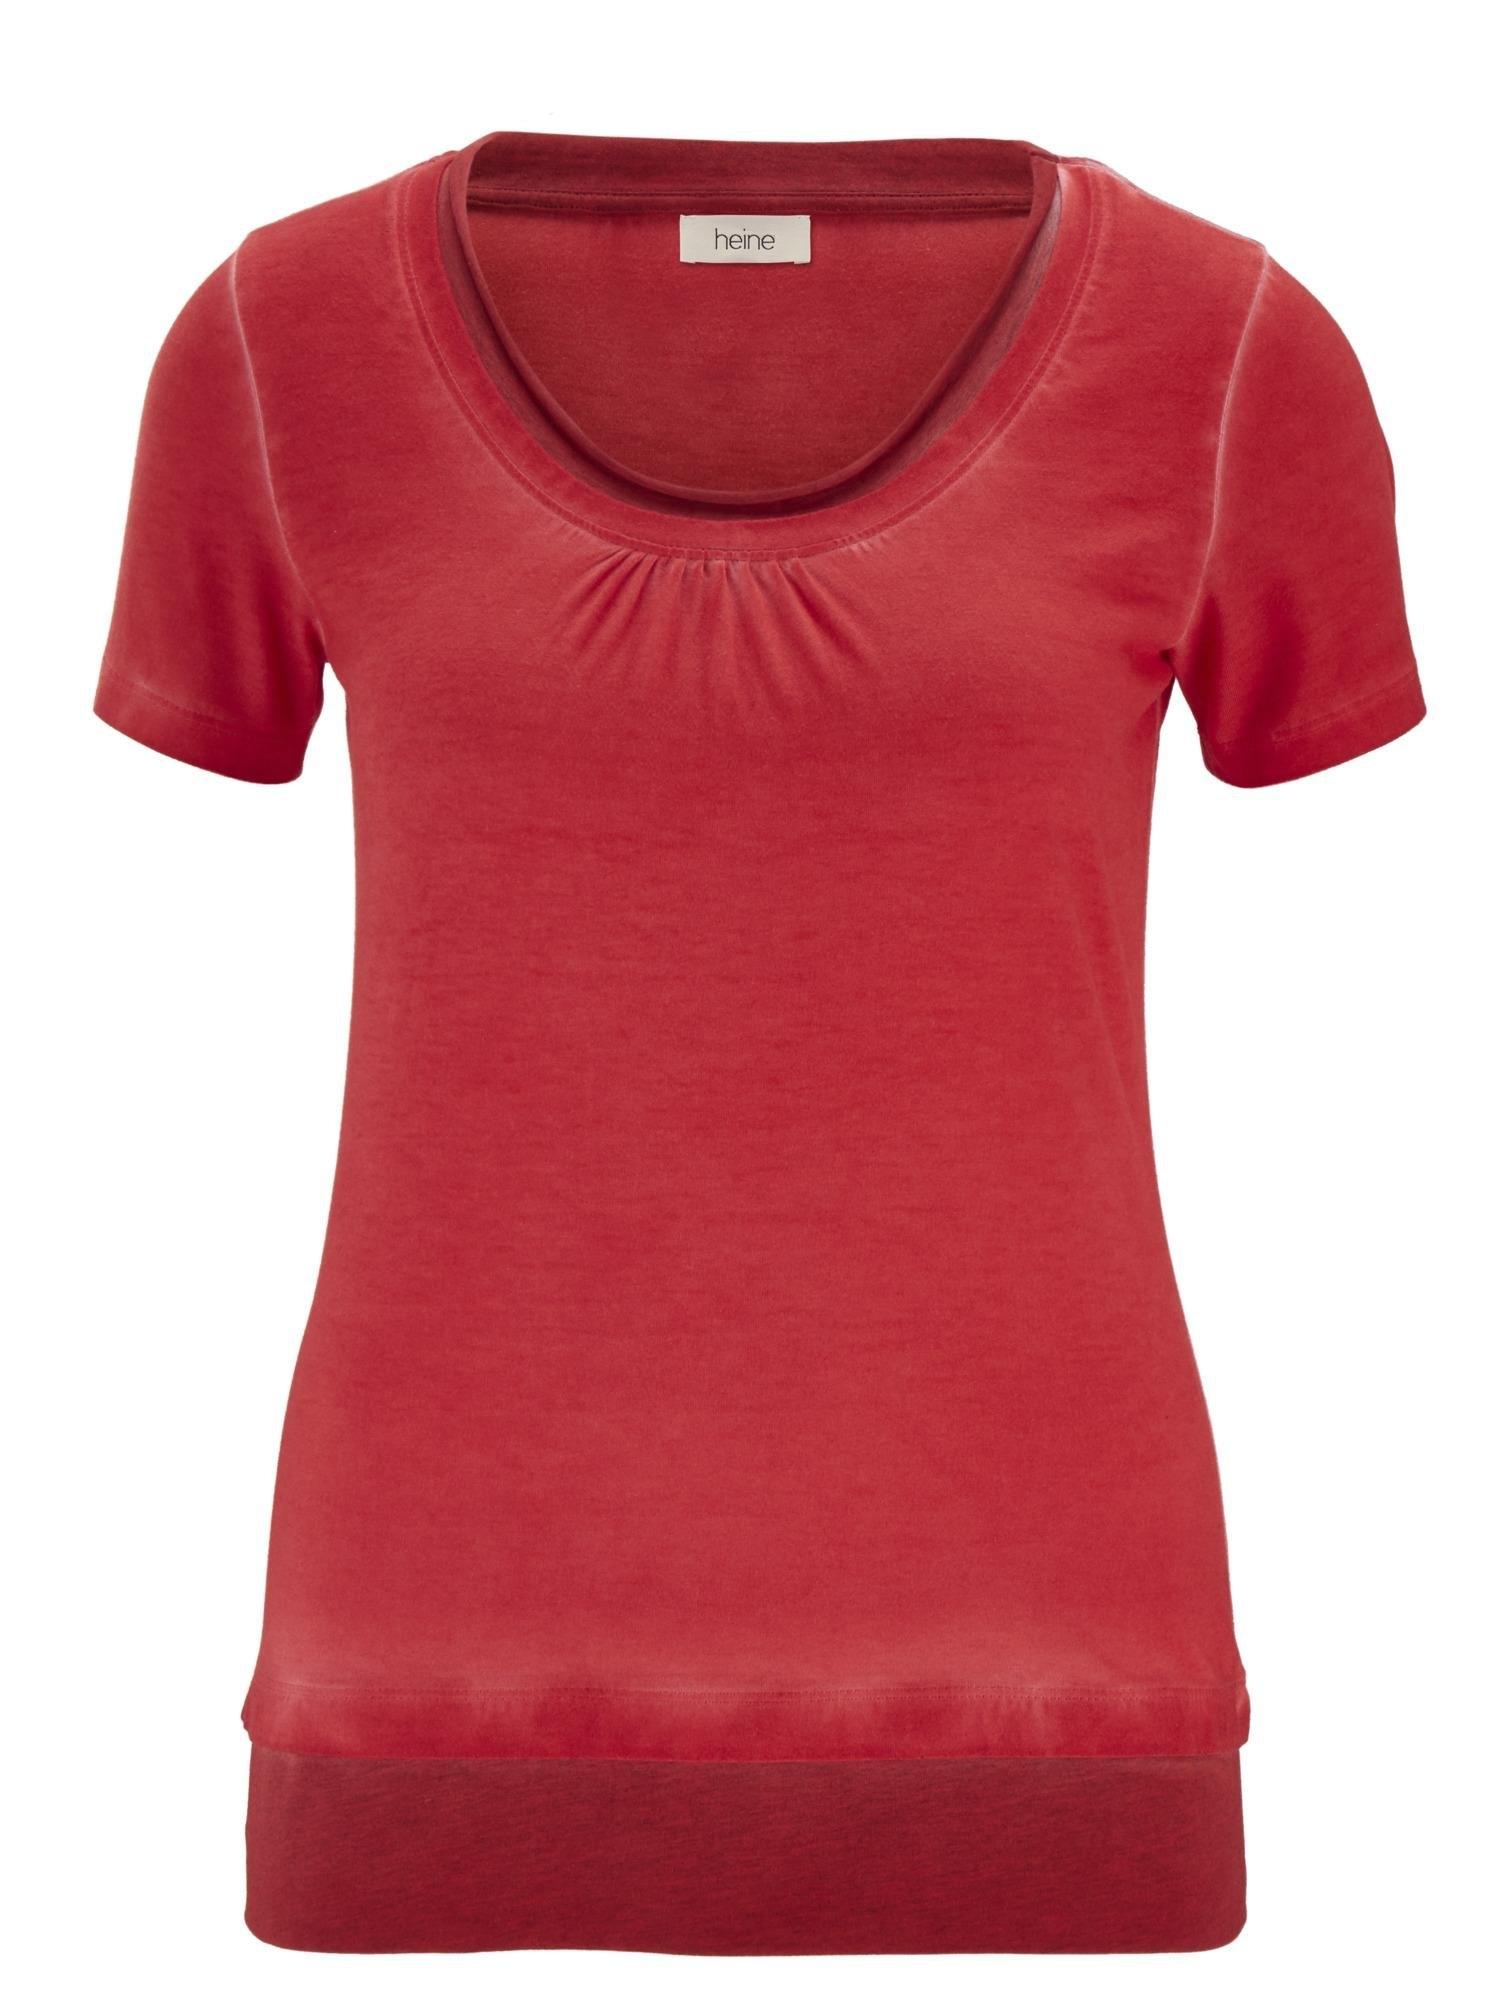 heine Shirt met ronde hals in de webshop van OTTO kopen